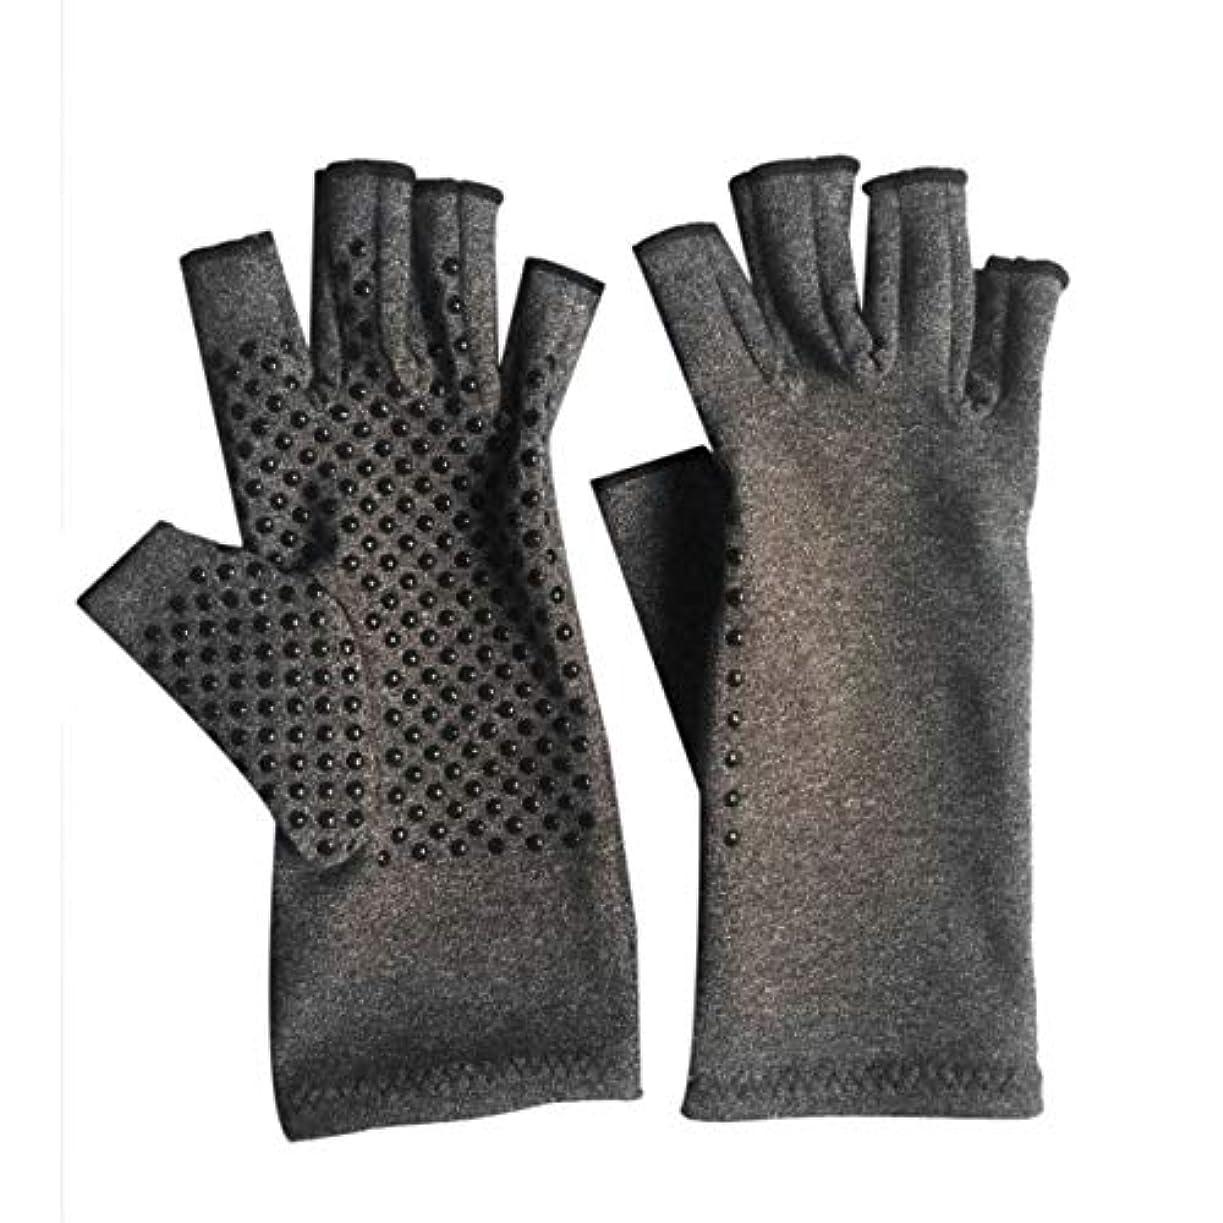 敬意を表して取り付け悲しいことに1ペアユニセックス男性女性療法圧縮手袋関節炎関節痛緩和ヘルスケア半指手袋トレーニング手袋 - グレーM